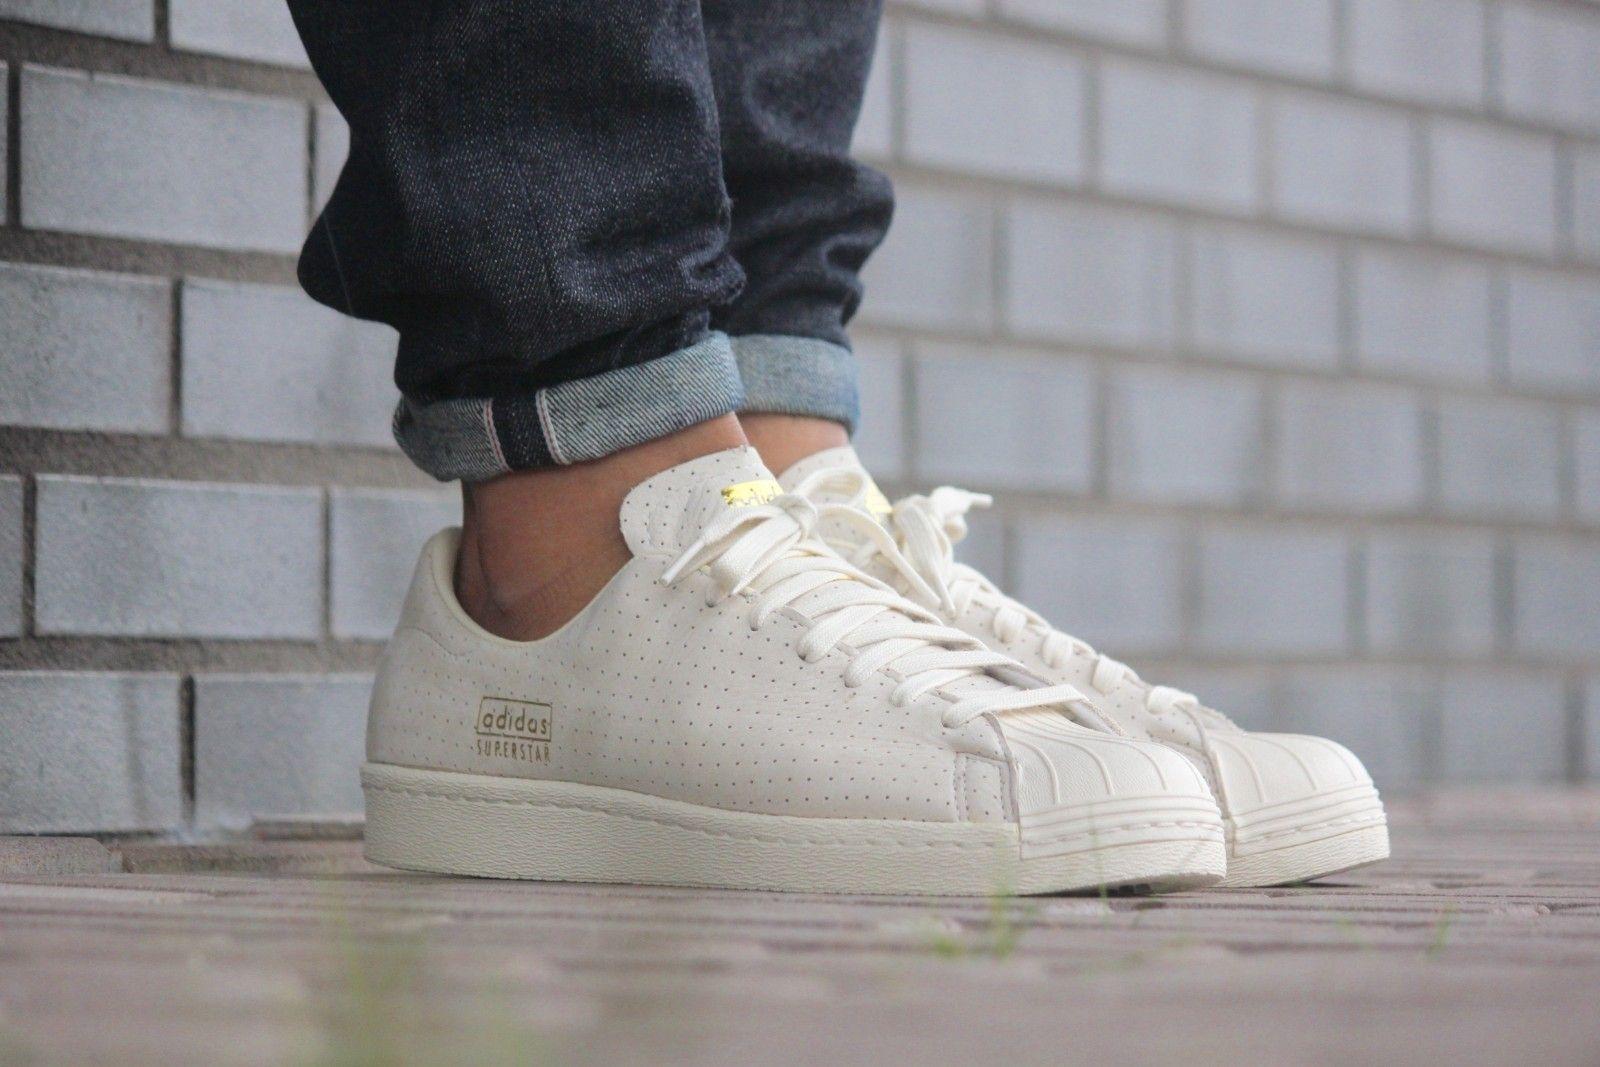 Adidas Superstar 80s Clean Ftwr White/Ftwr White/Gold Metallic 100% Genuine